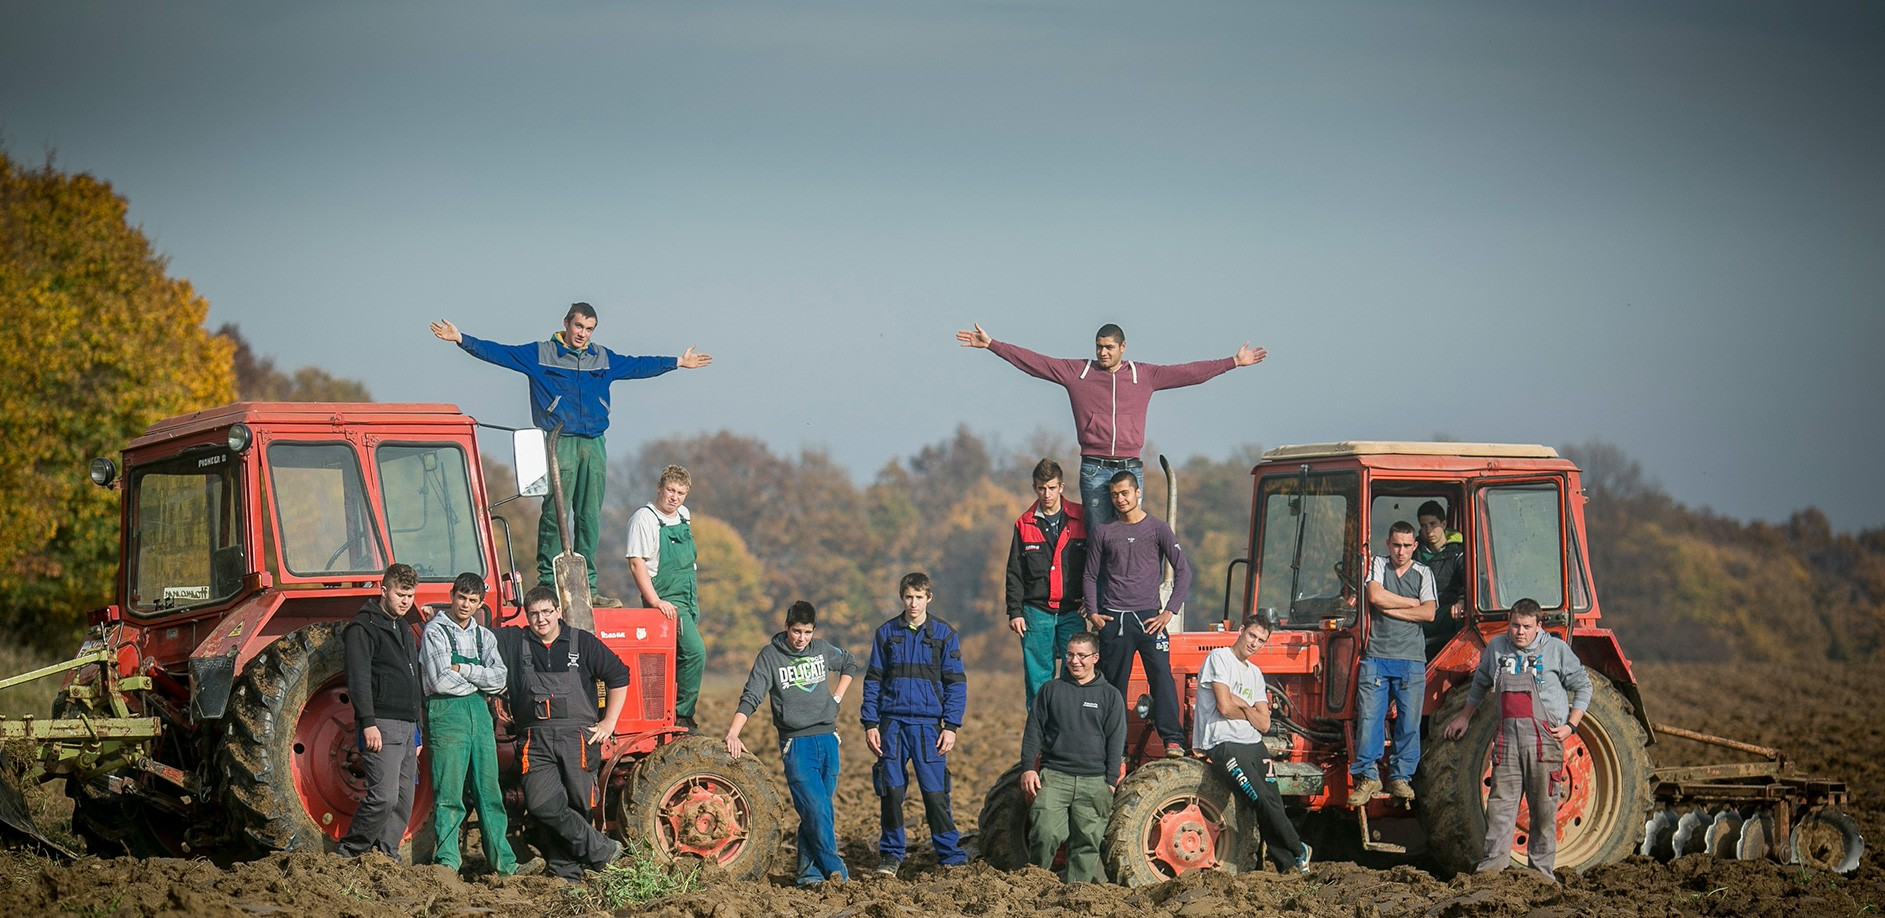 Mezőgazdasági pályaorientációs hetet szervez a NAK Kiskunfélegyházán